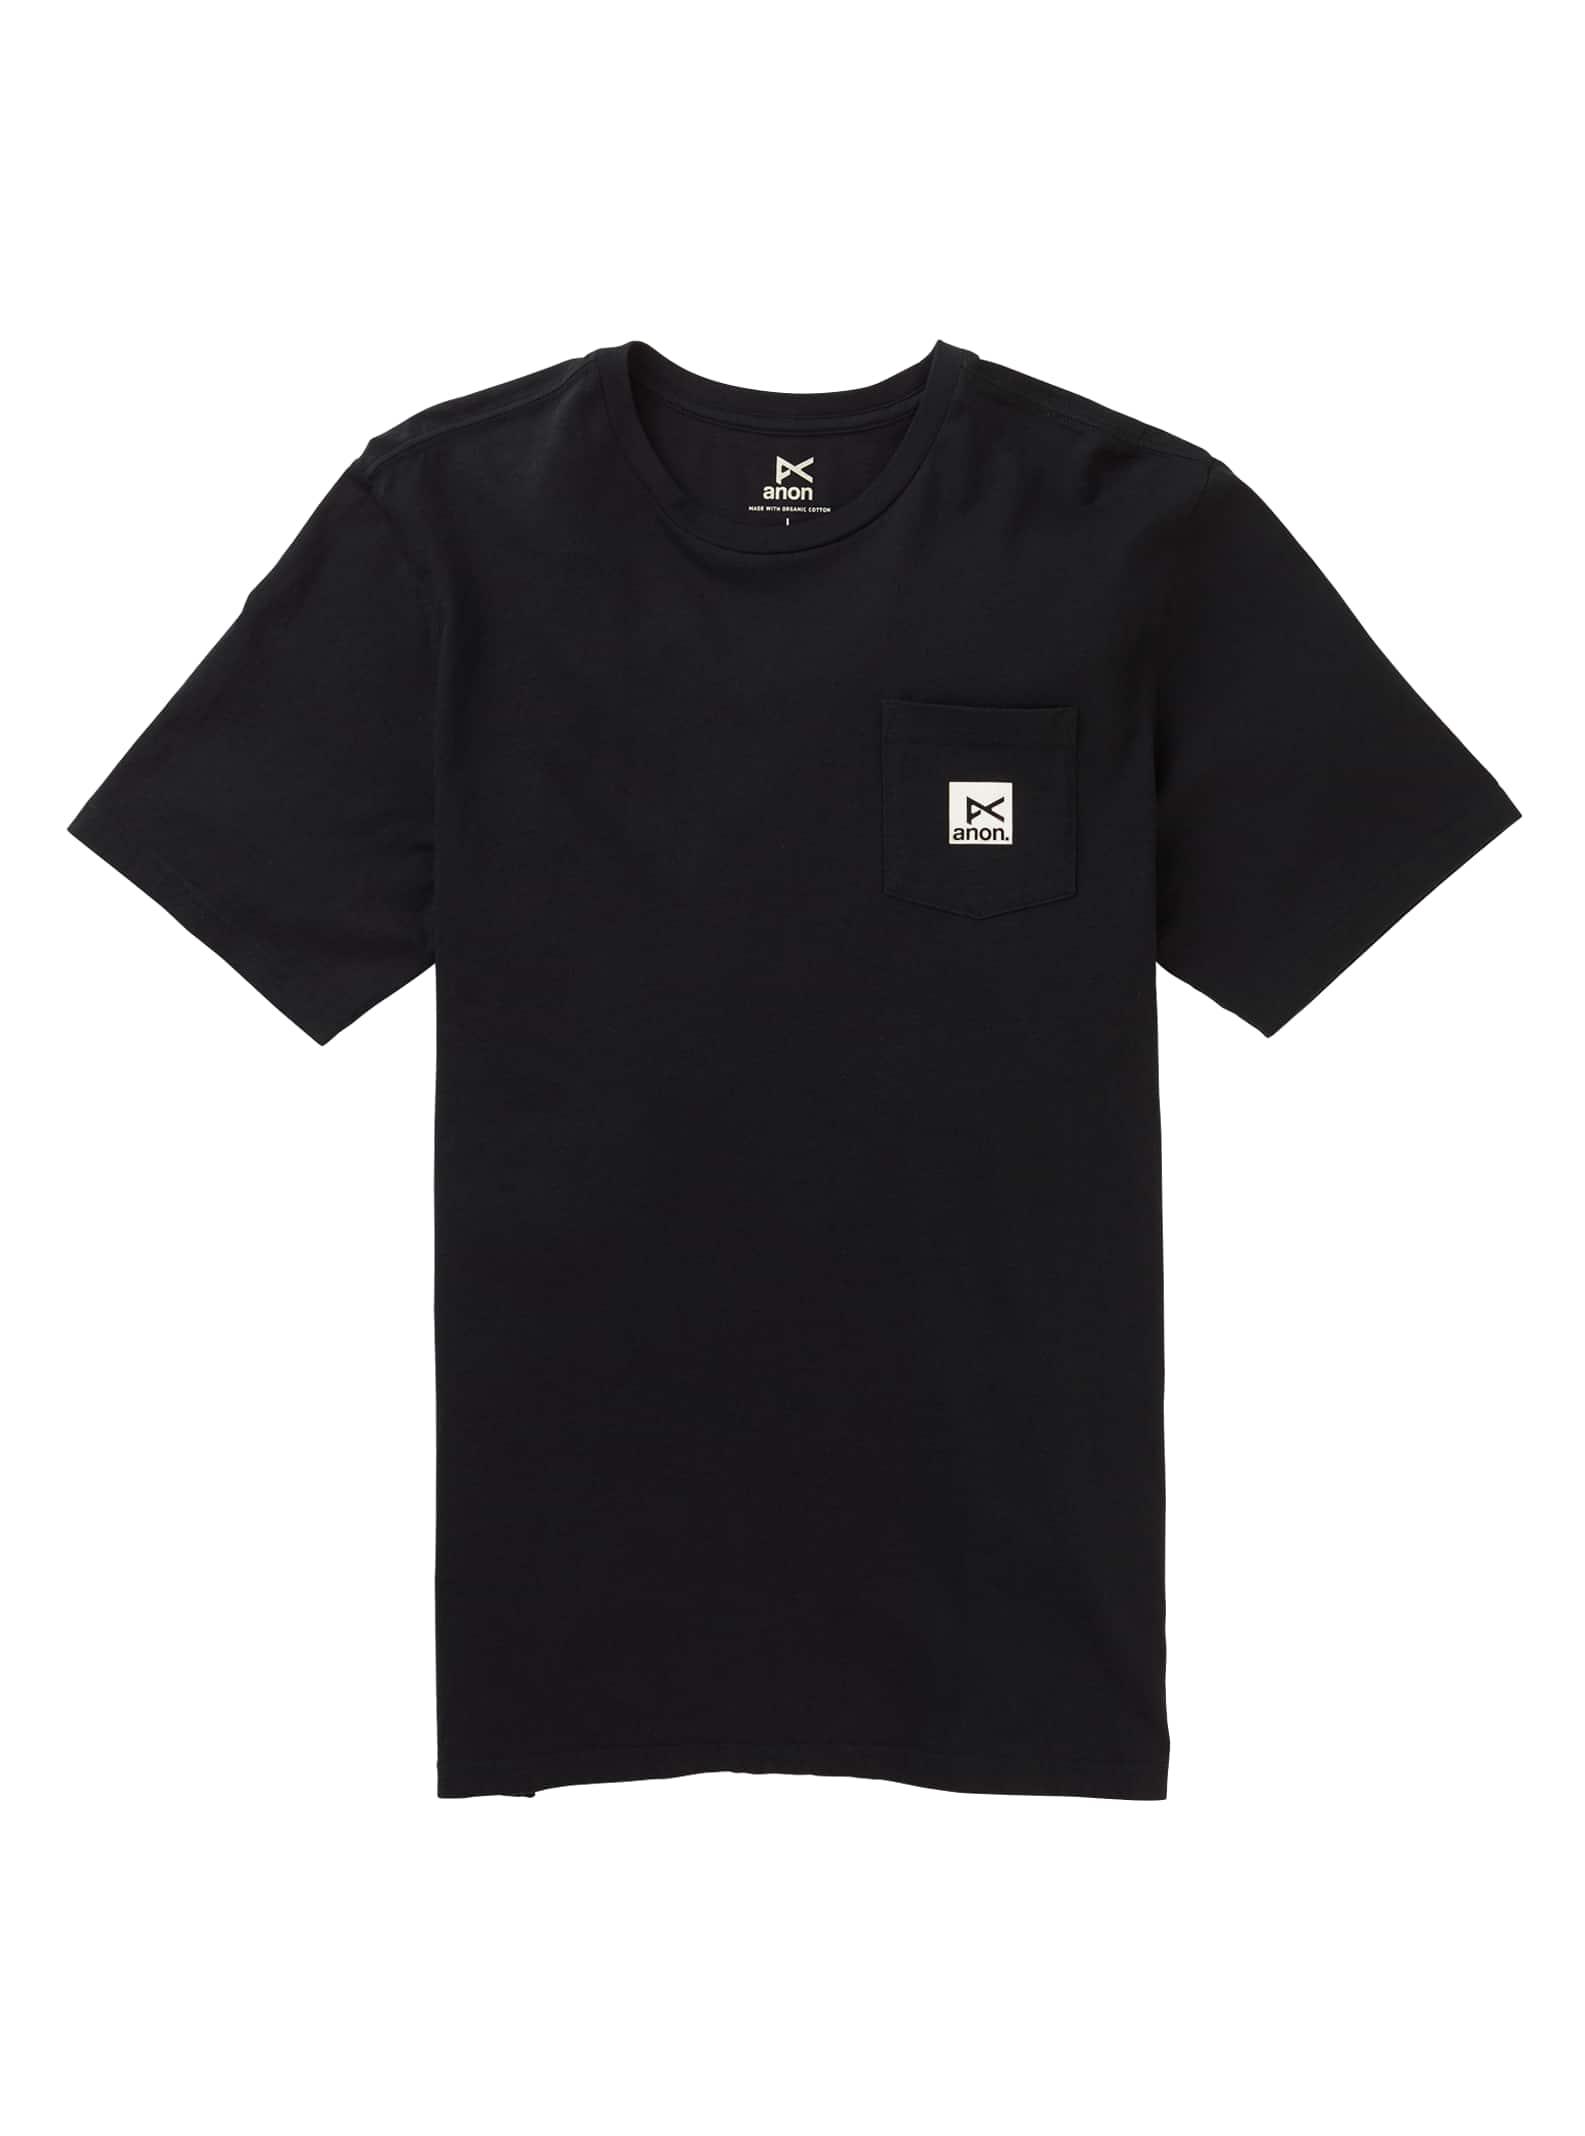 Anon kortärmad t-shirt med ficka, Black, XL